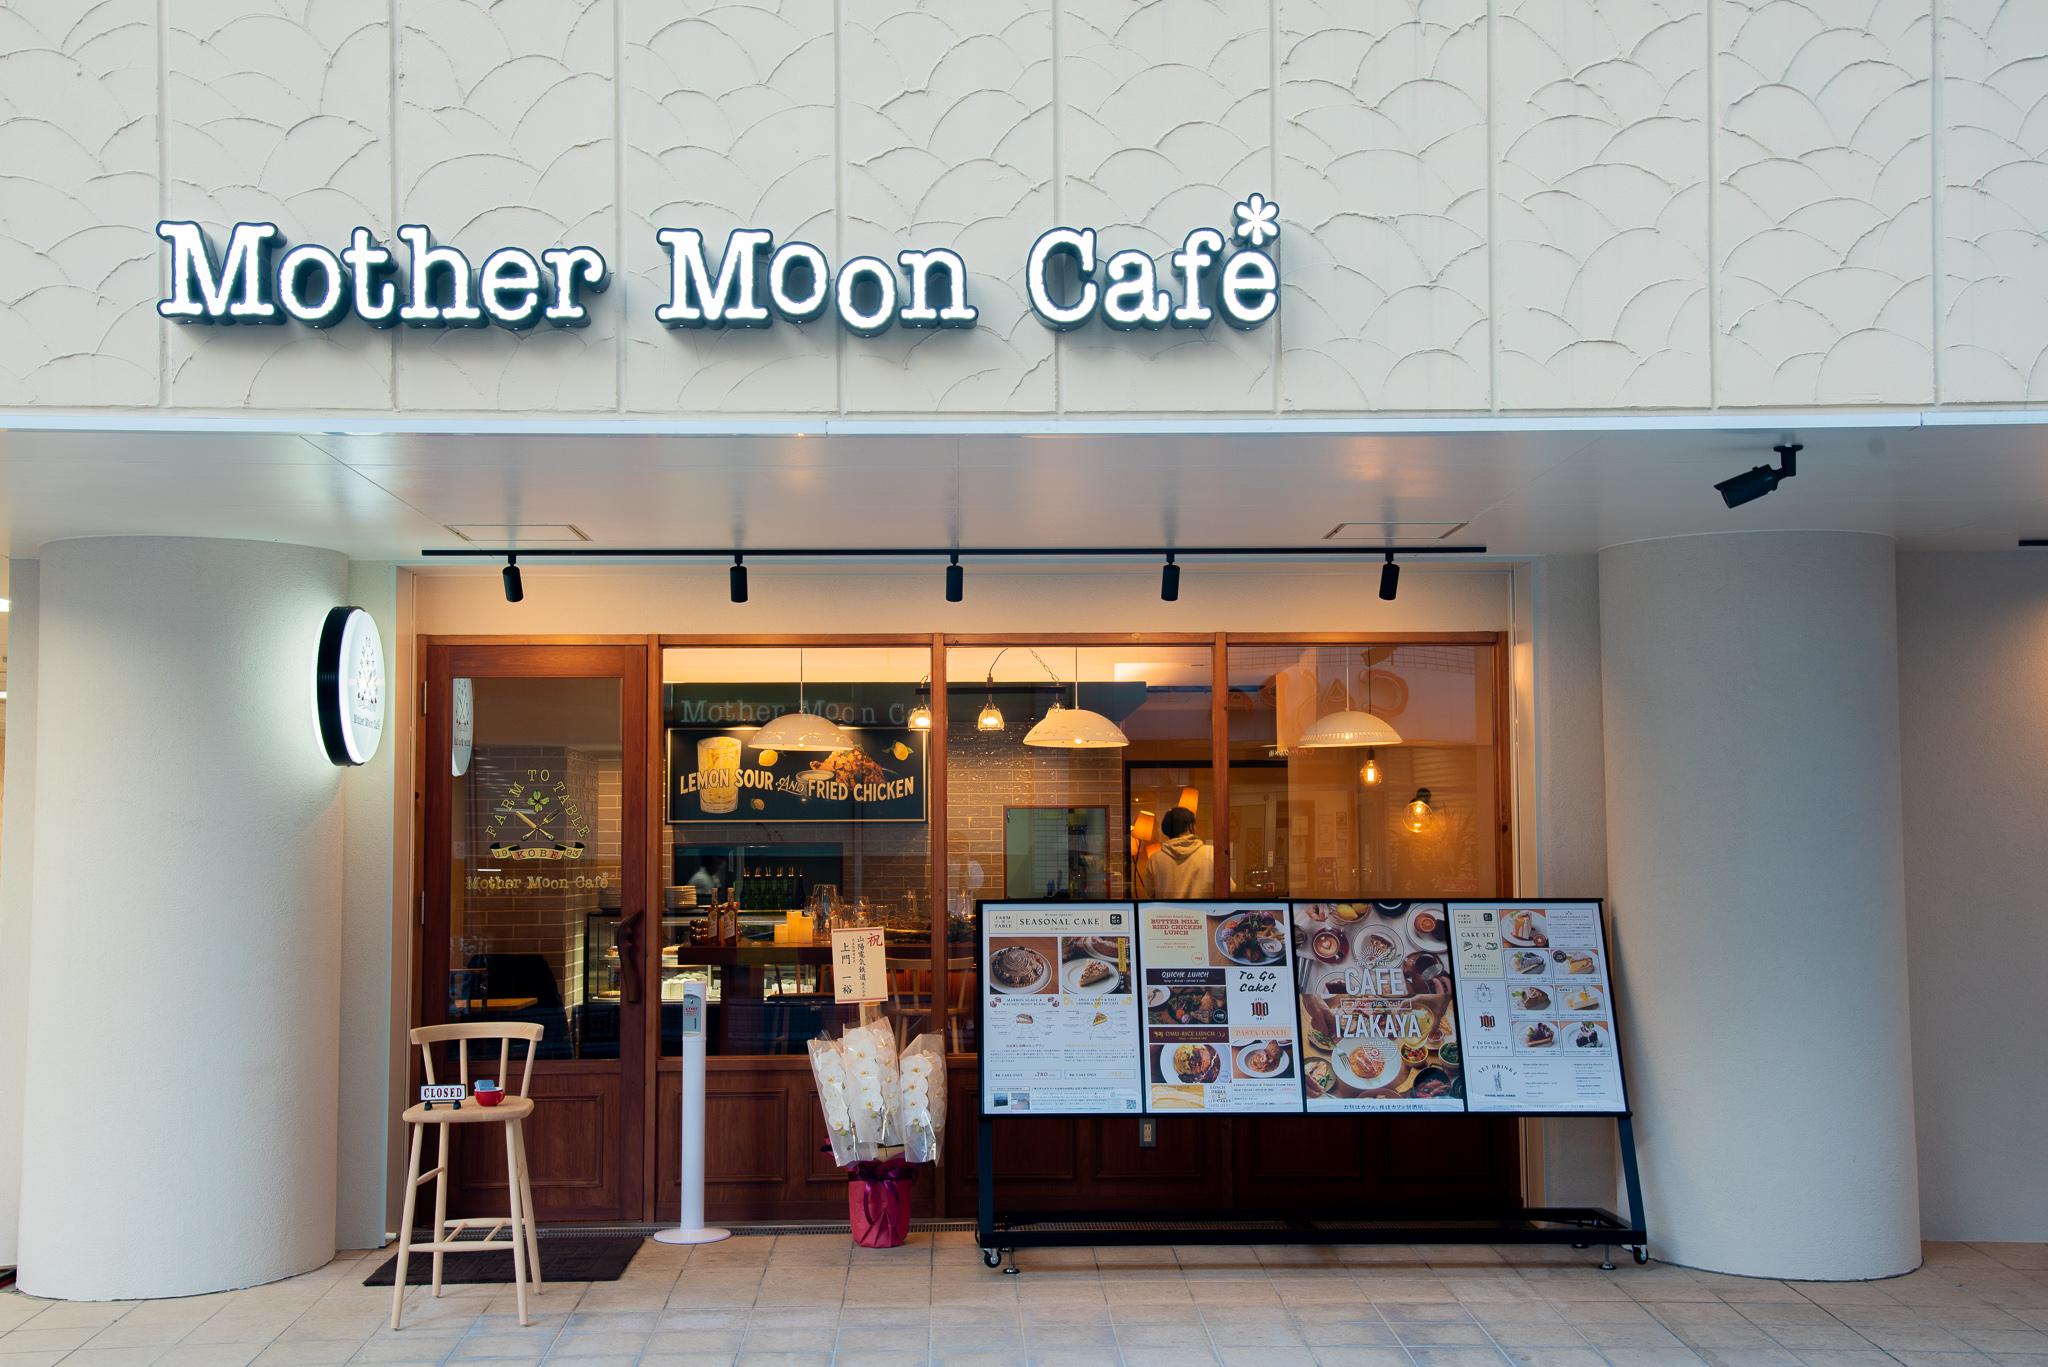 MotherMoonCafe*姫路店が12月4日にオープンしました。